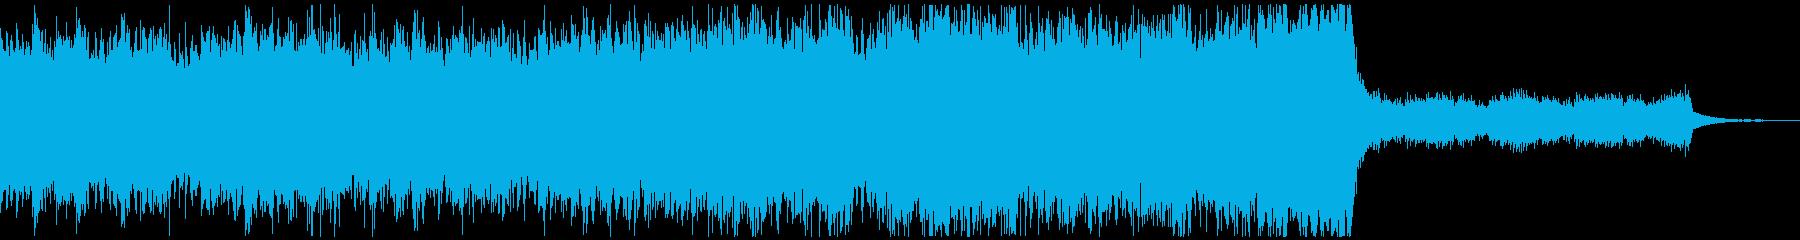 【予告編】トレーラー・エピックの再生済みの波形